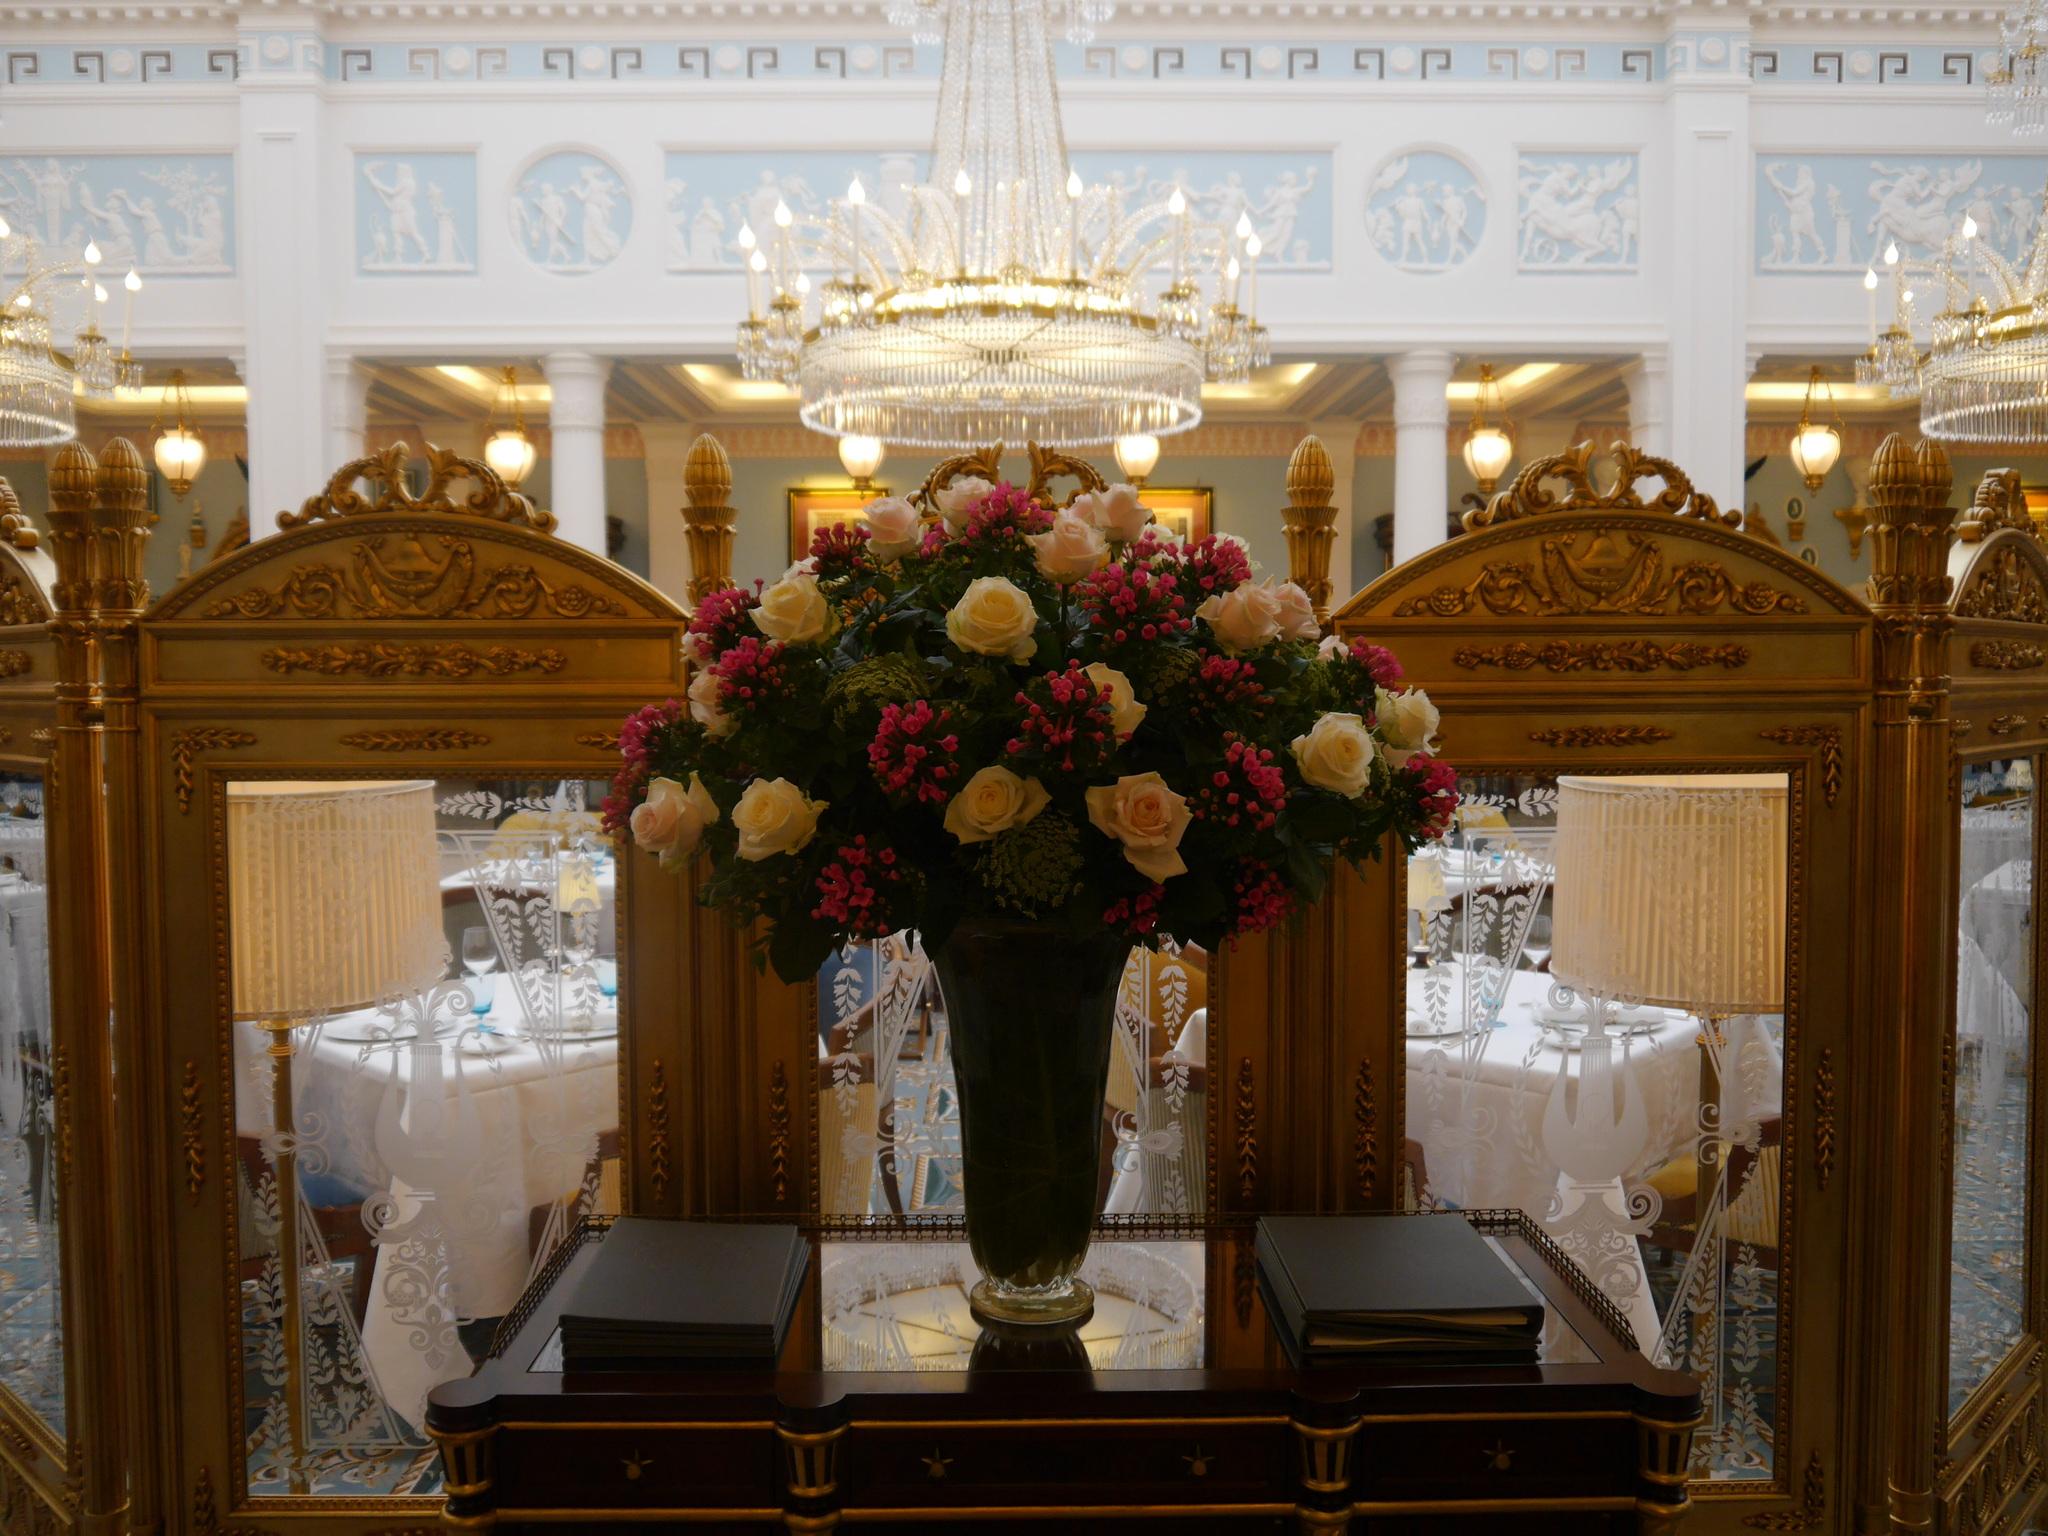 Céleste at The Lanesborough, London | Restaurant Review